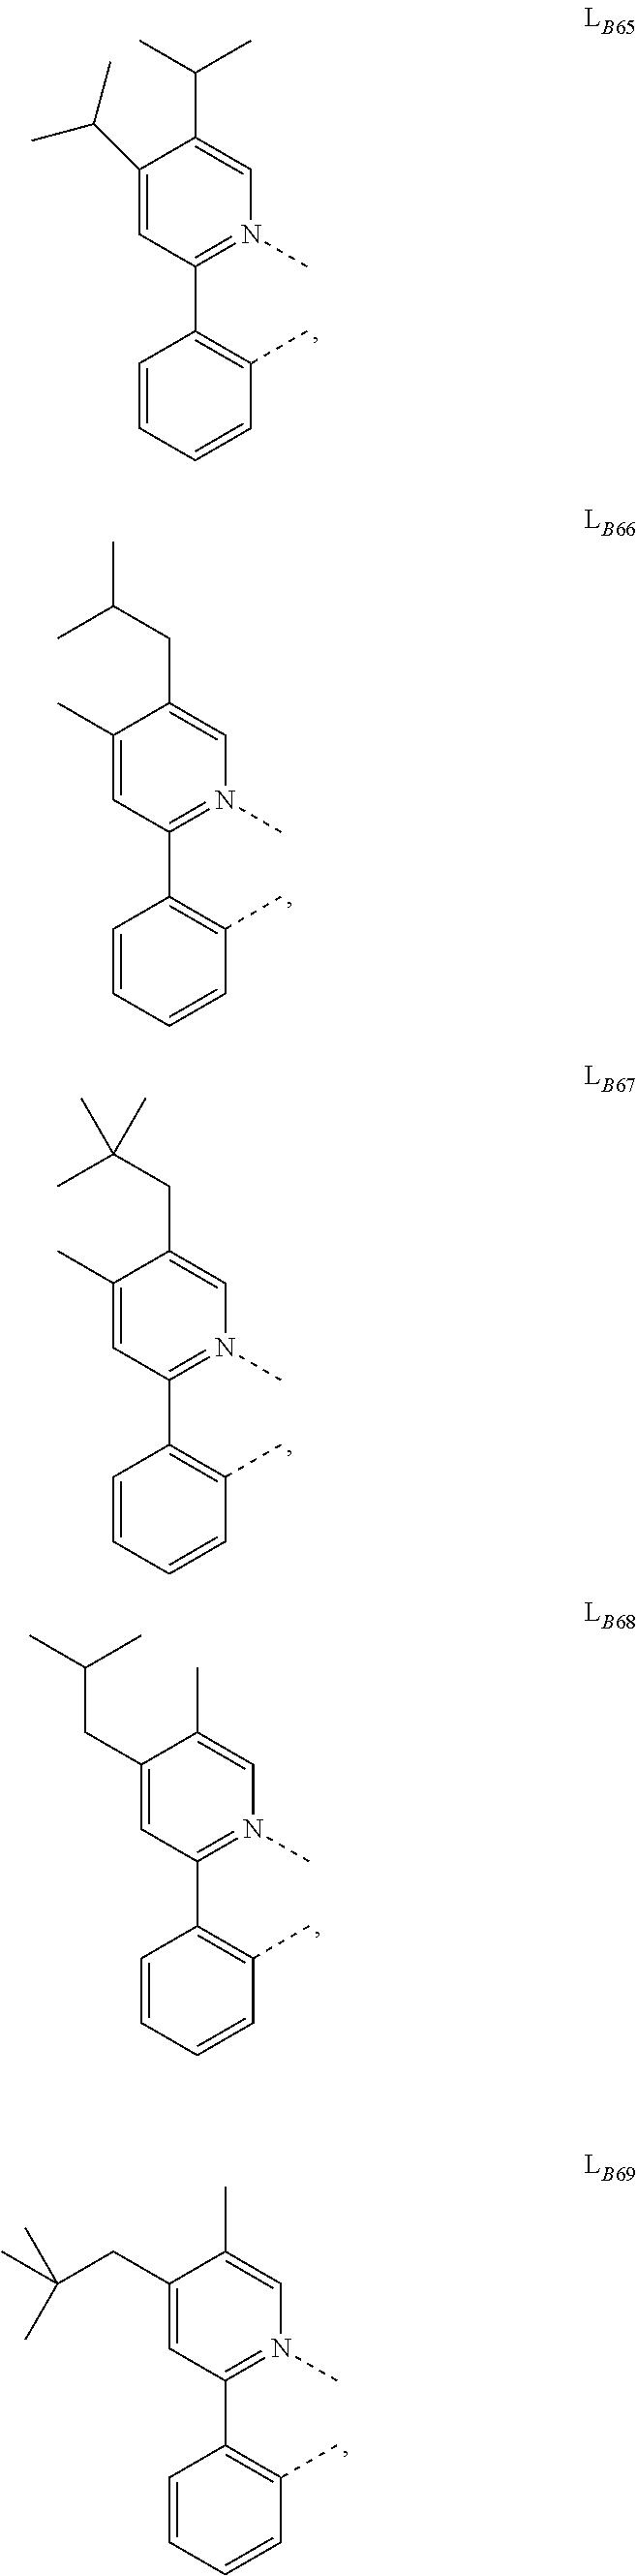 Figure US10003034-20180619-C00026